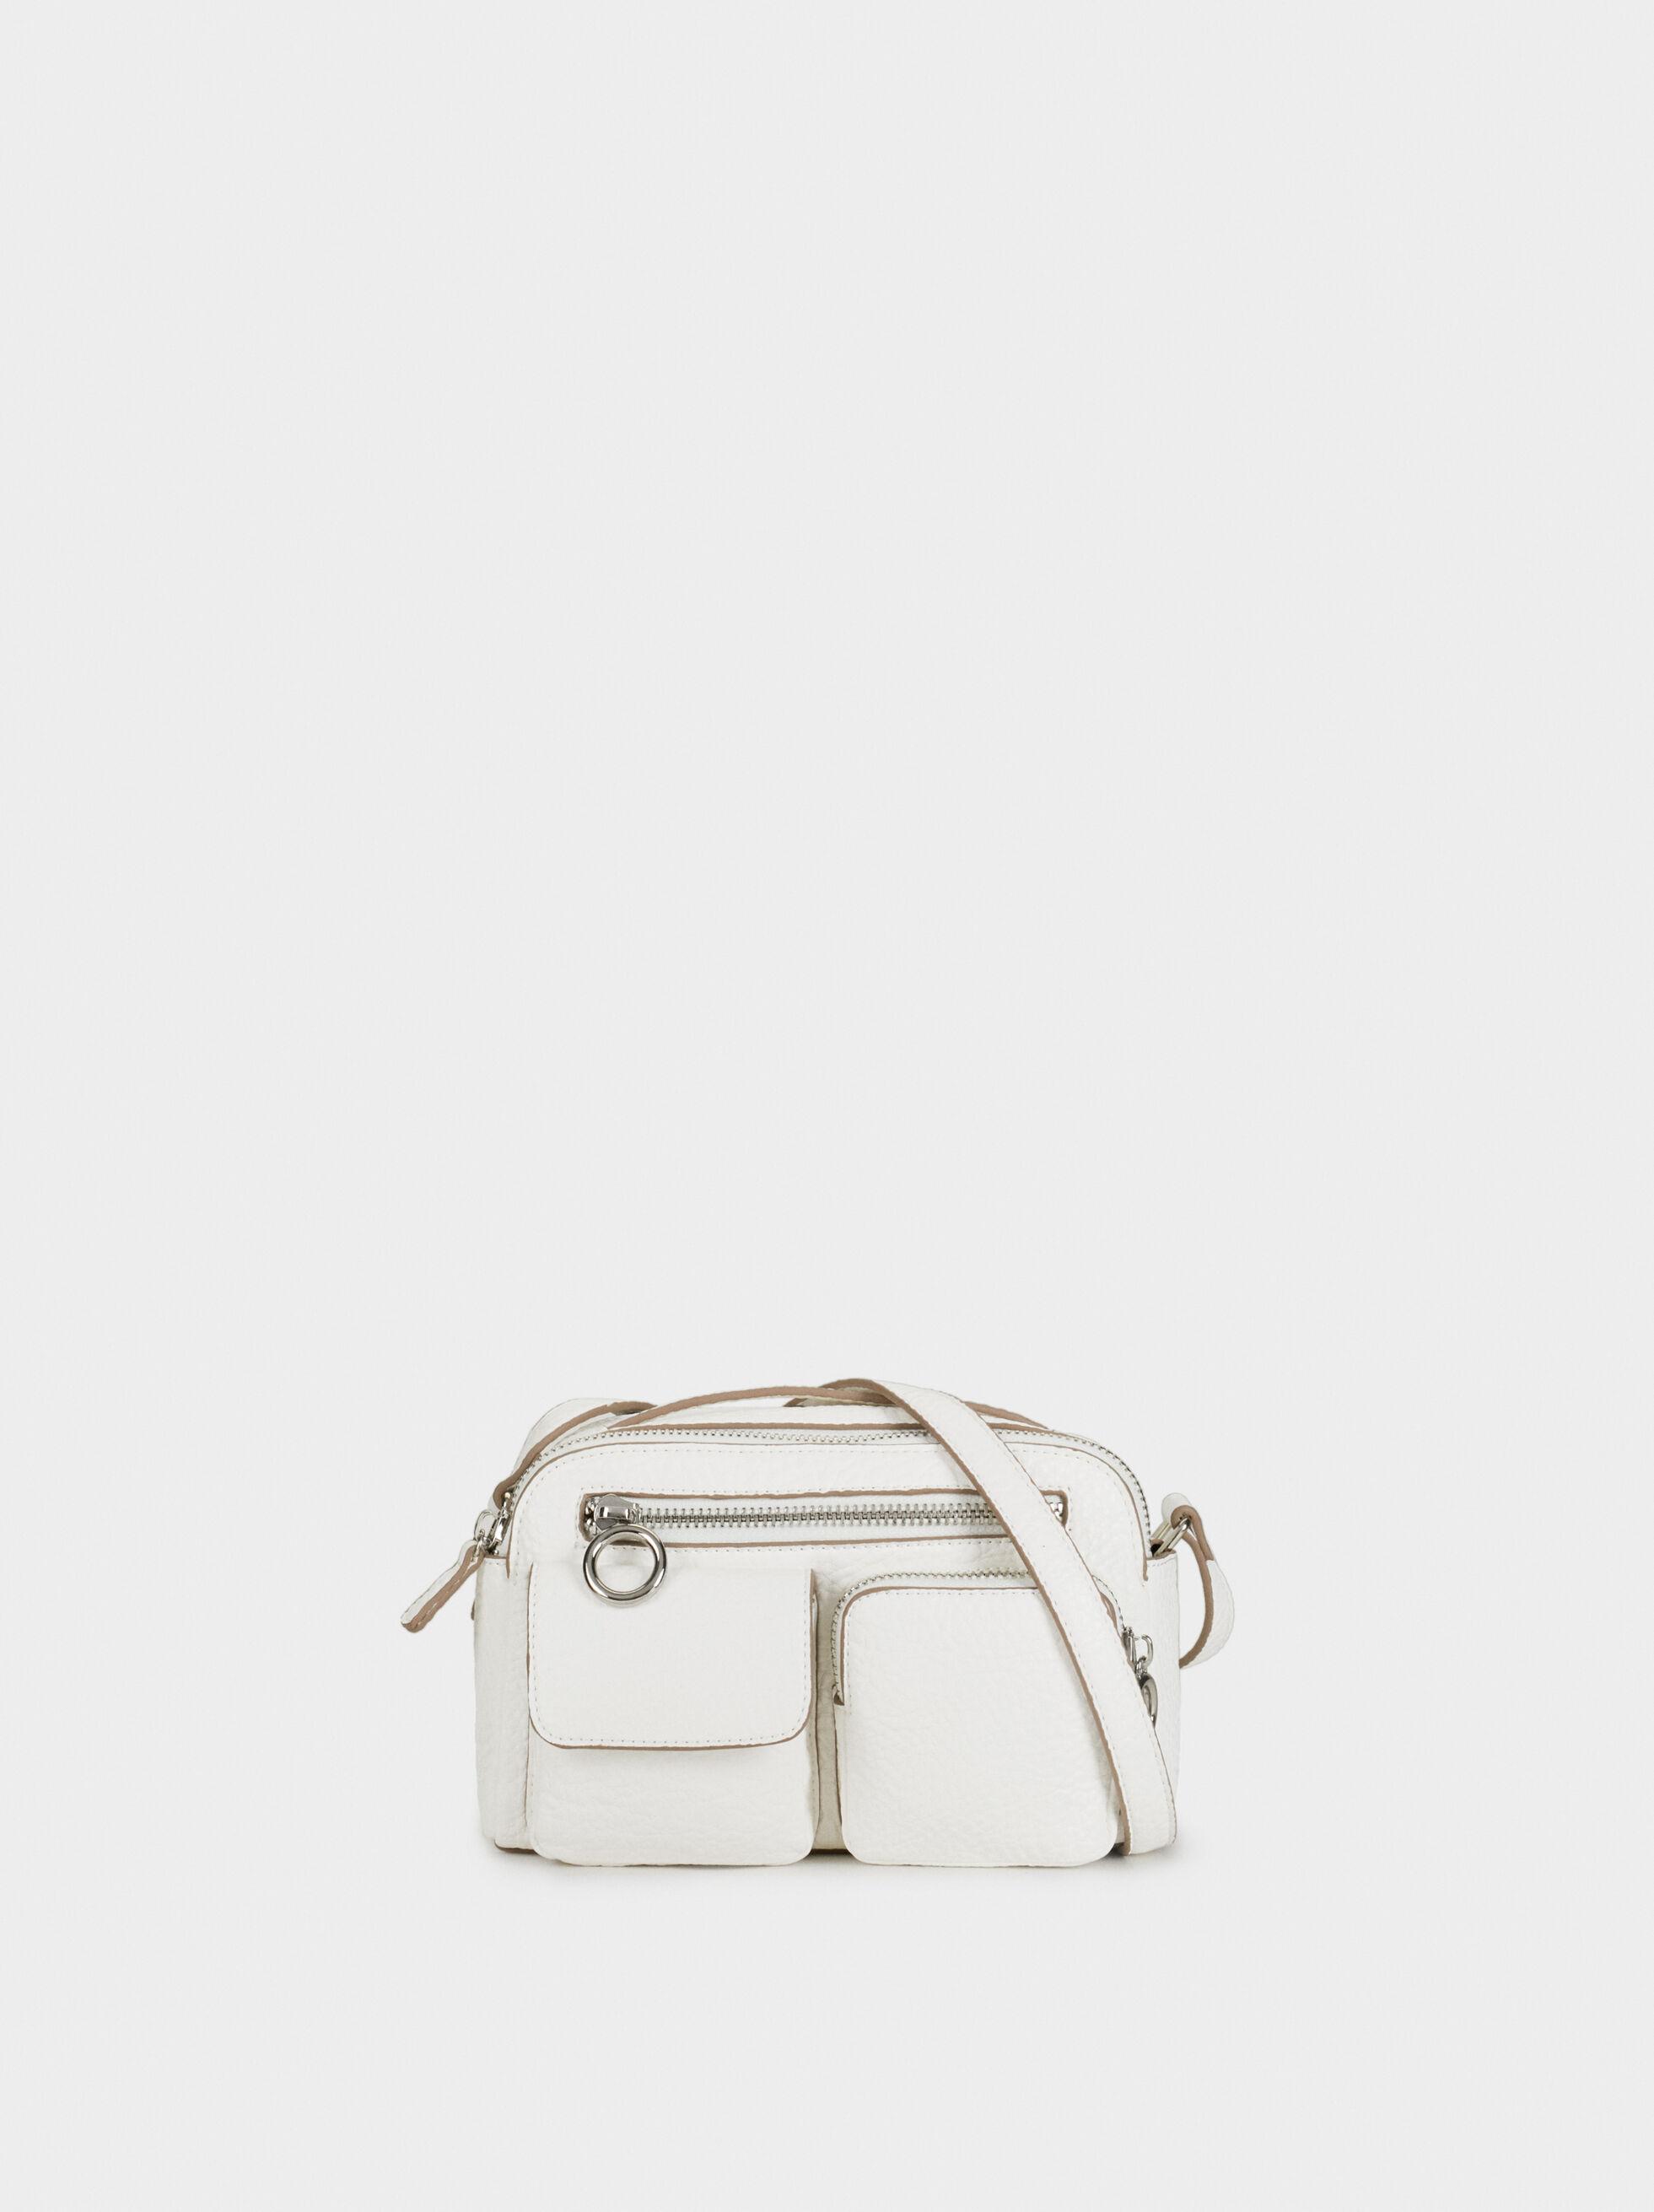 Crossbody Bag With Exterior Pockets, White, hi-res